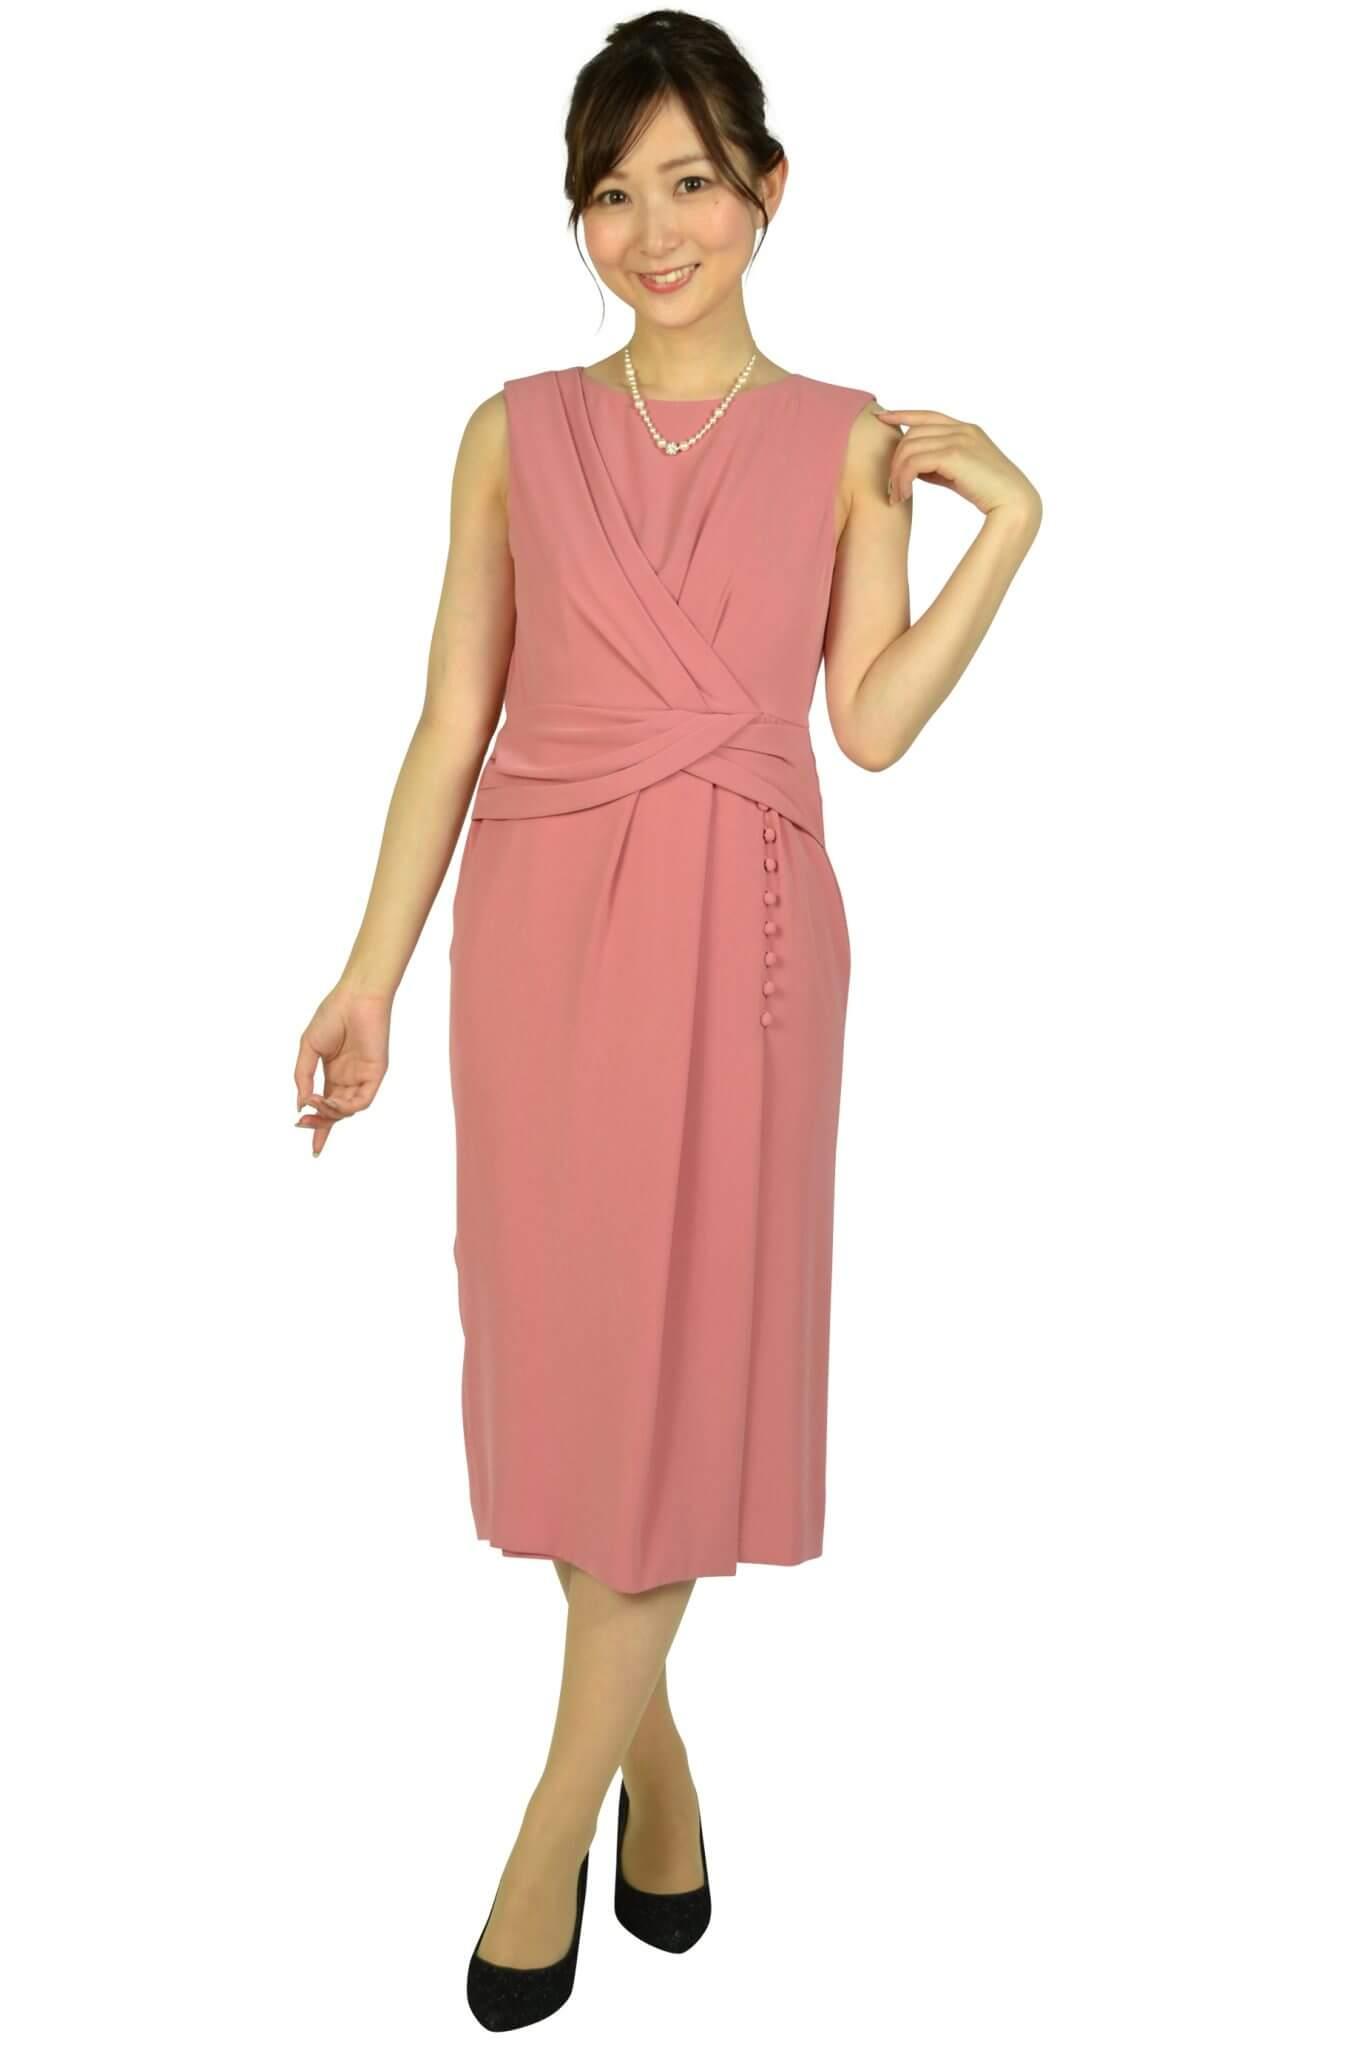 ダイアグラム グレースコンチネンタル(DIAGRAM) アシンメトリータックローズピンクドレス